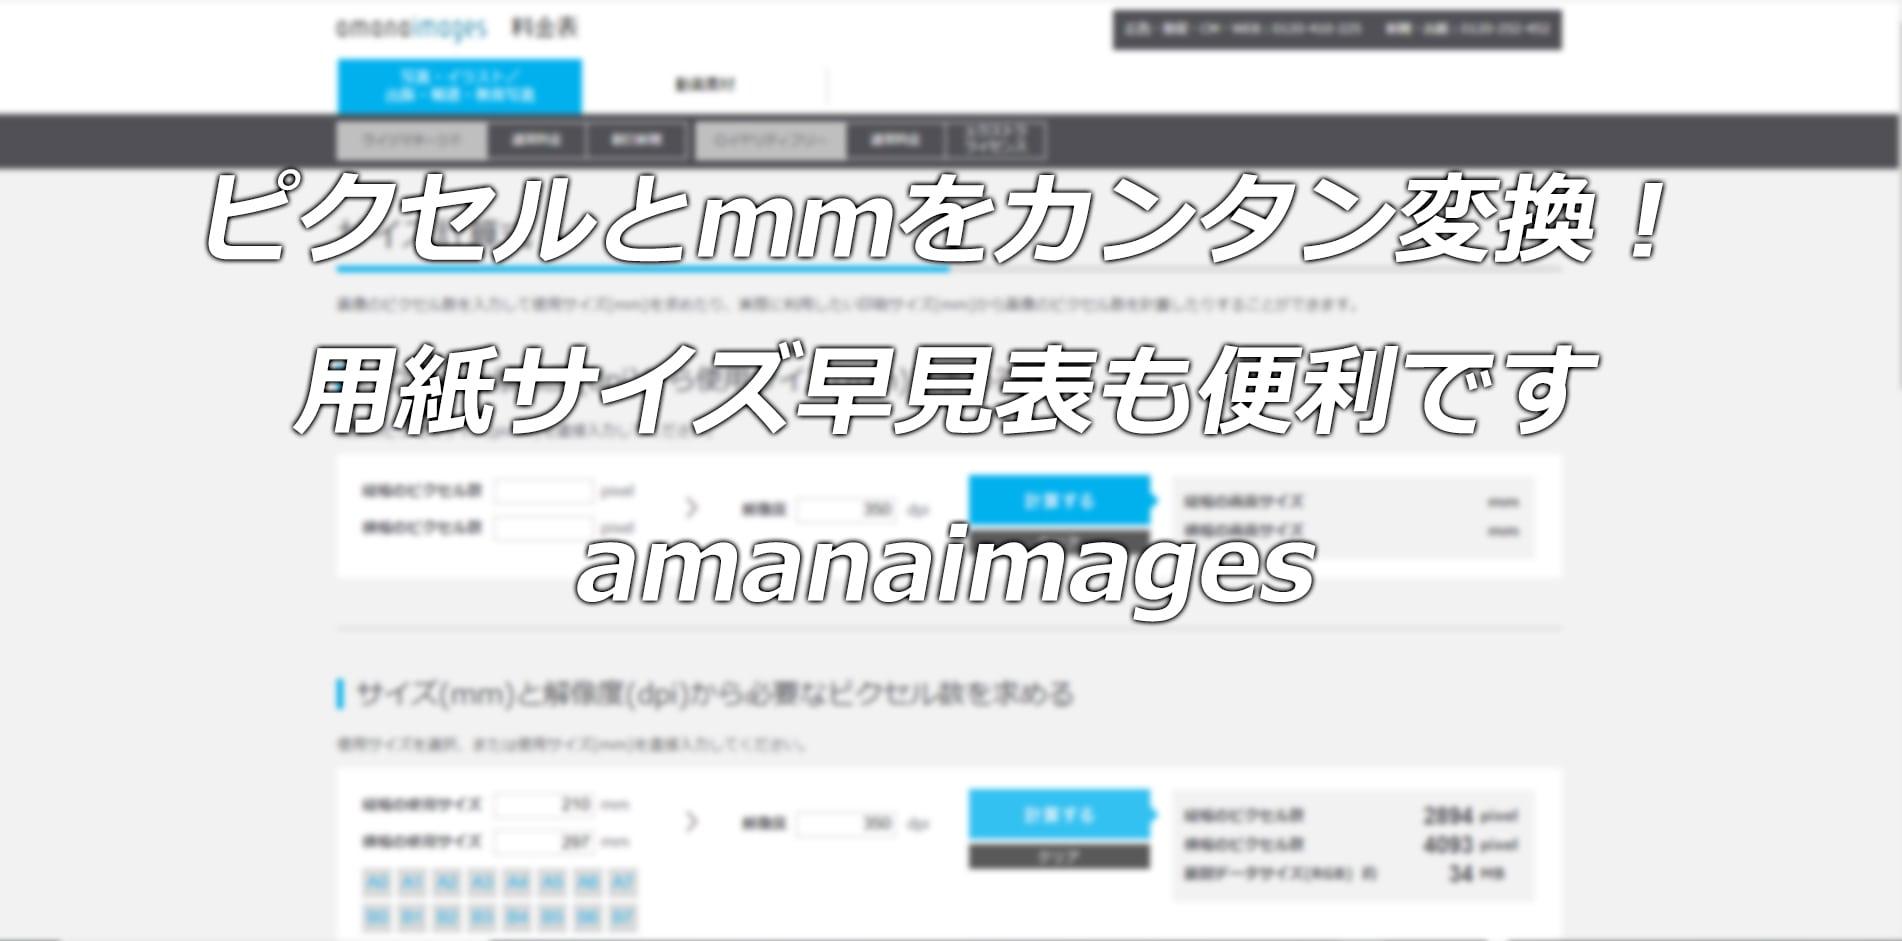 ピクセルとミリを変換できるサイト